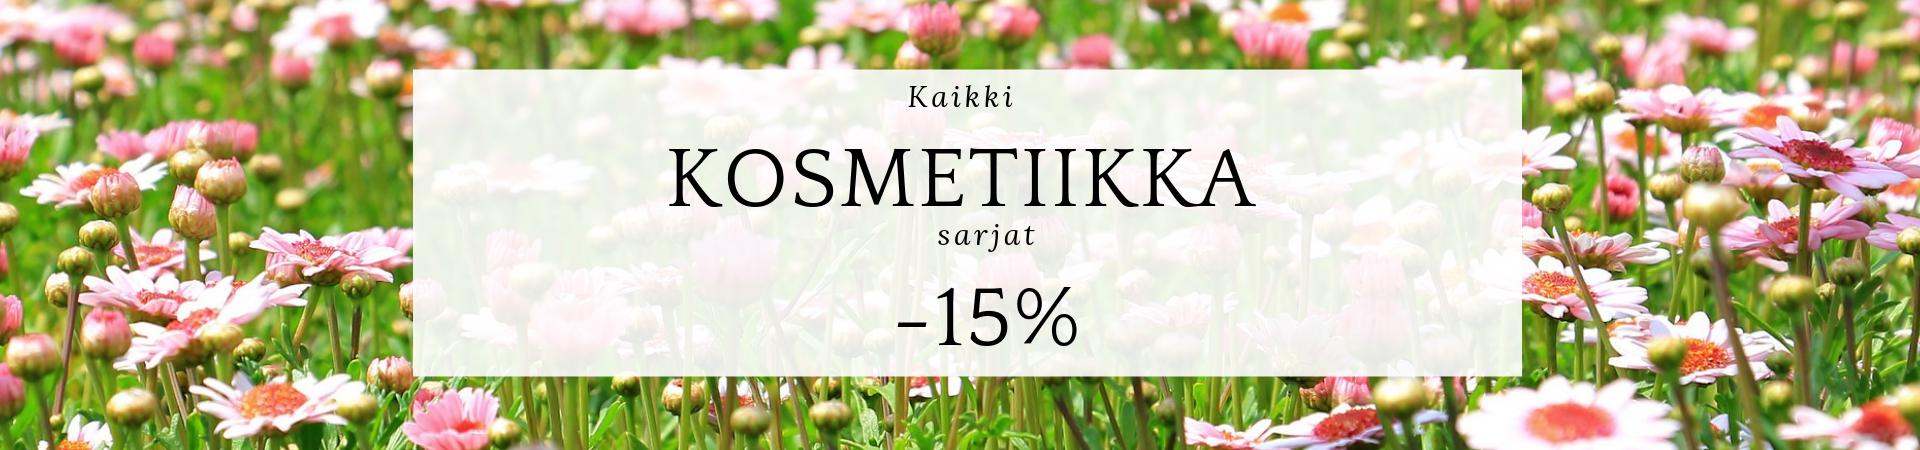 Kosmetiikka -15% 31.7. asti